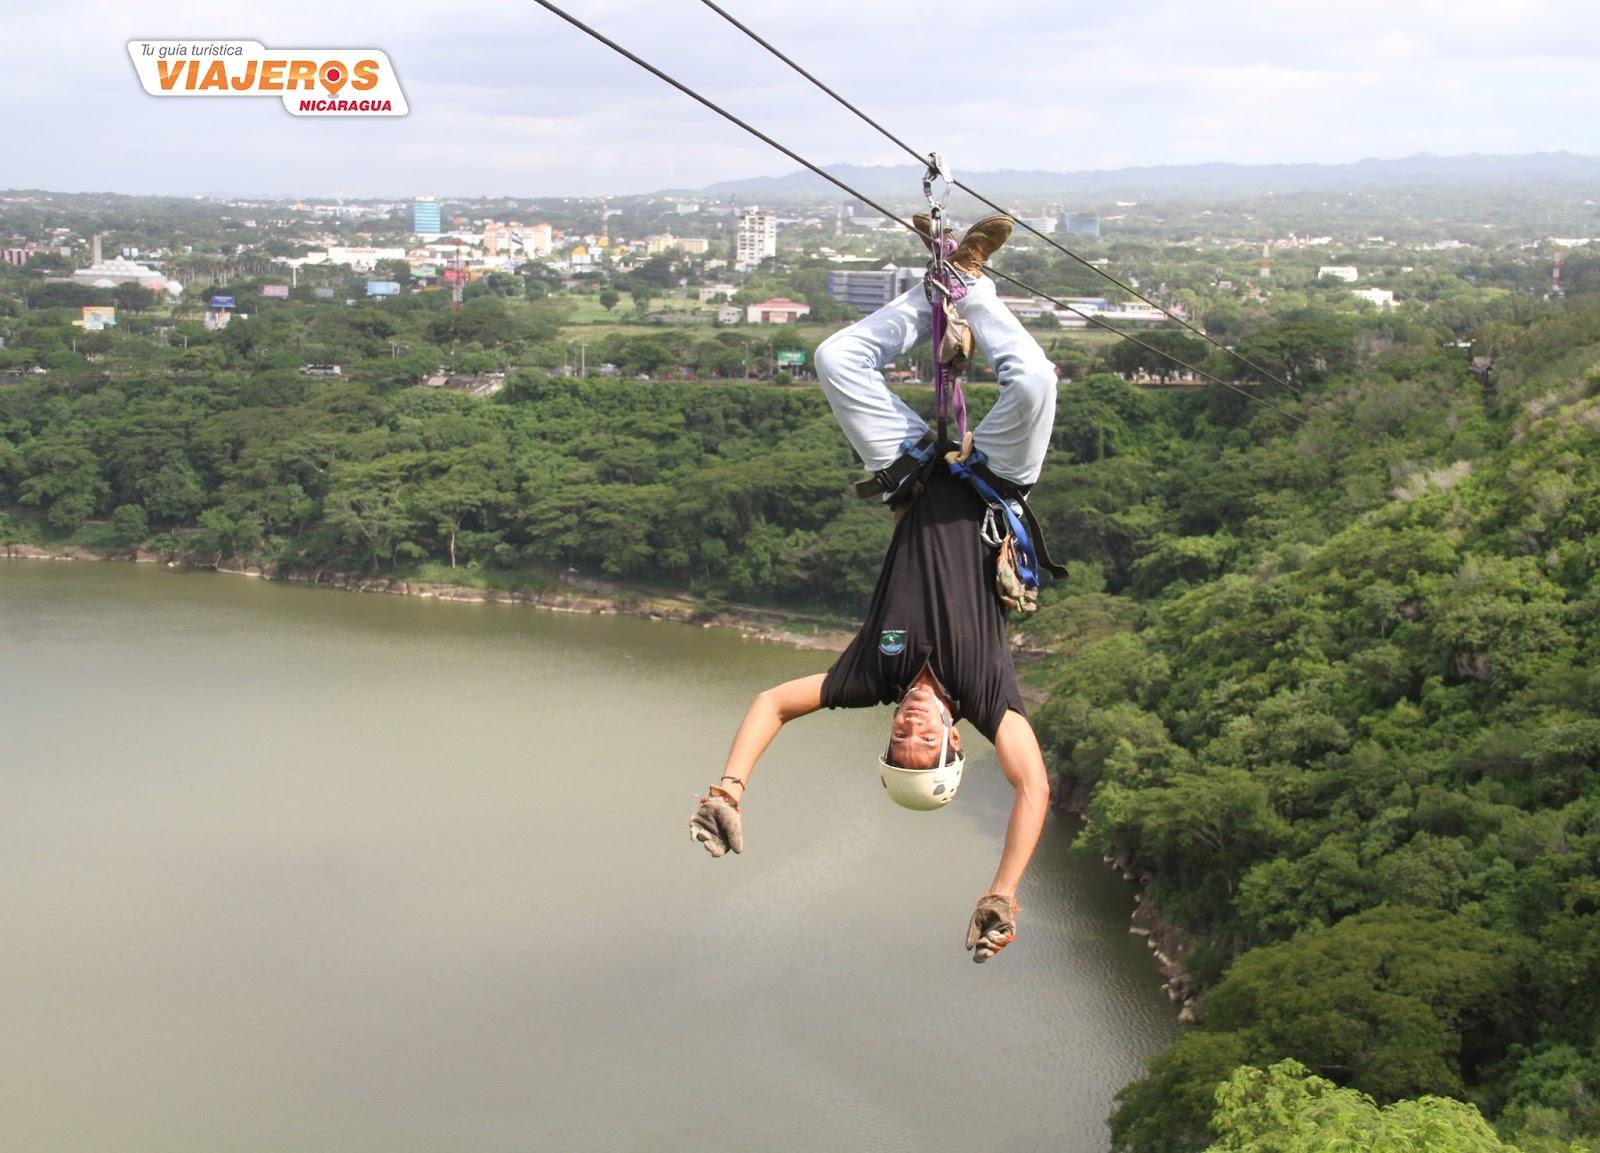 El Canopy Tour que está sobre la laguna de Tiscapa es una actividad emocionante en local único situado en el corazón de Managua. & Canopy Tour Tiscapa | VIAJEROS NICARAGUA